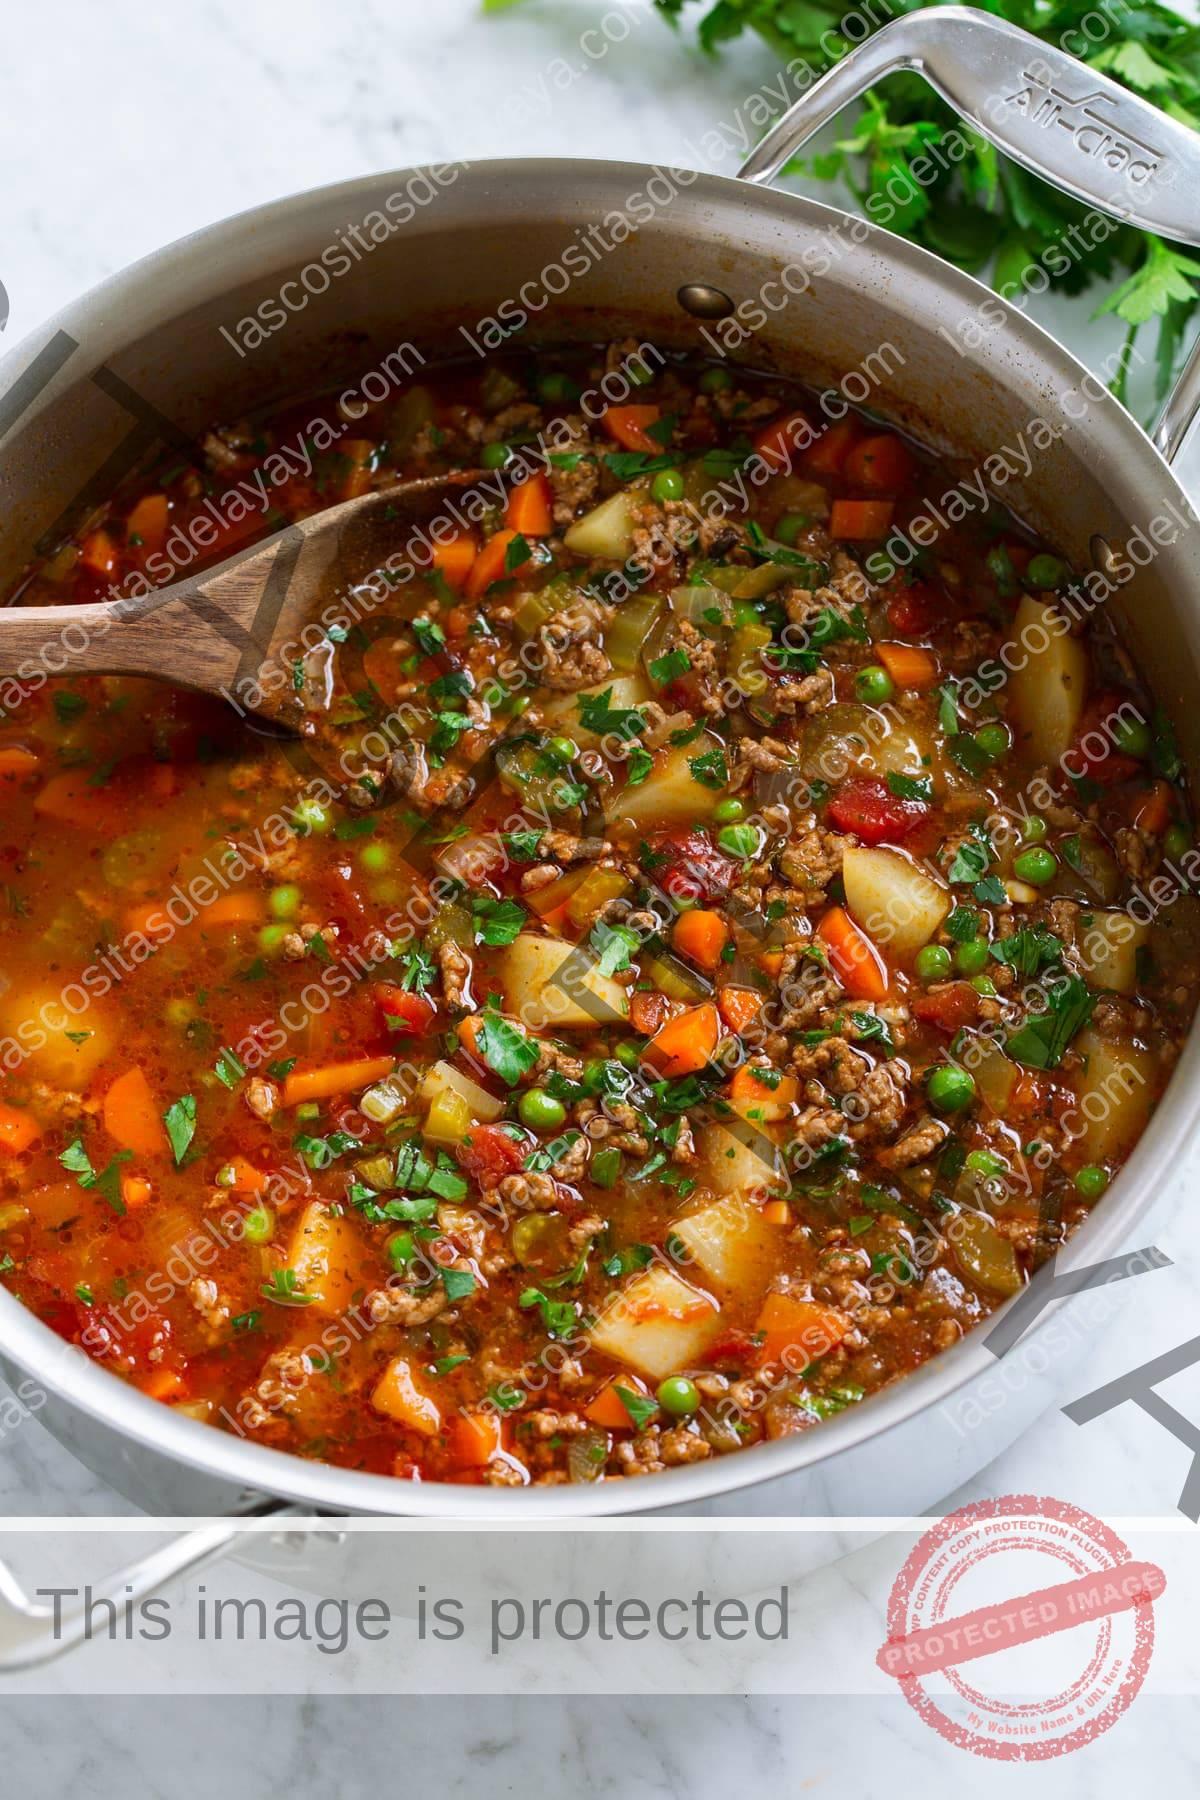 Sartén de acero inoxidable llena de sopa de hamburguesa picada con patatas, zanahorias, guisantes, apio, tomates, hierbas y caldo